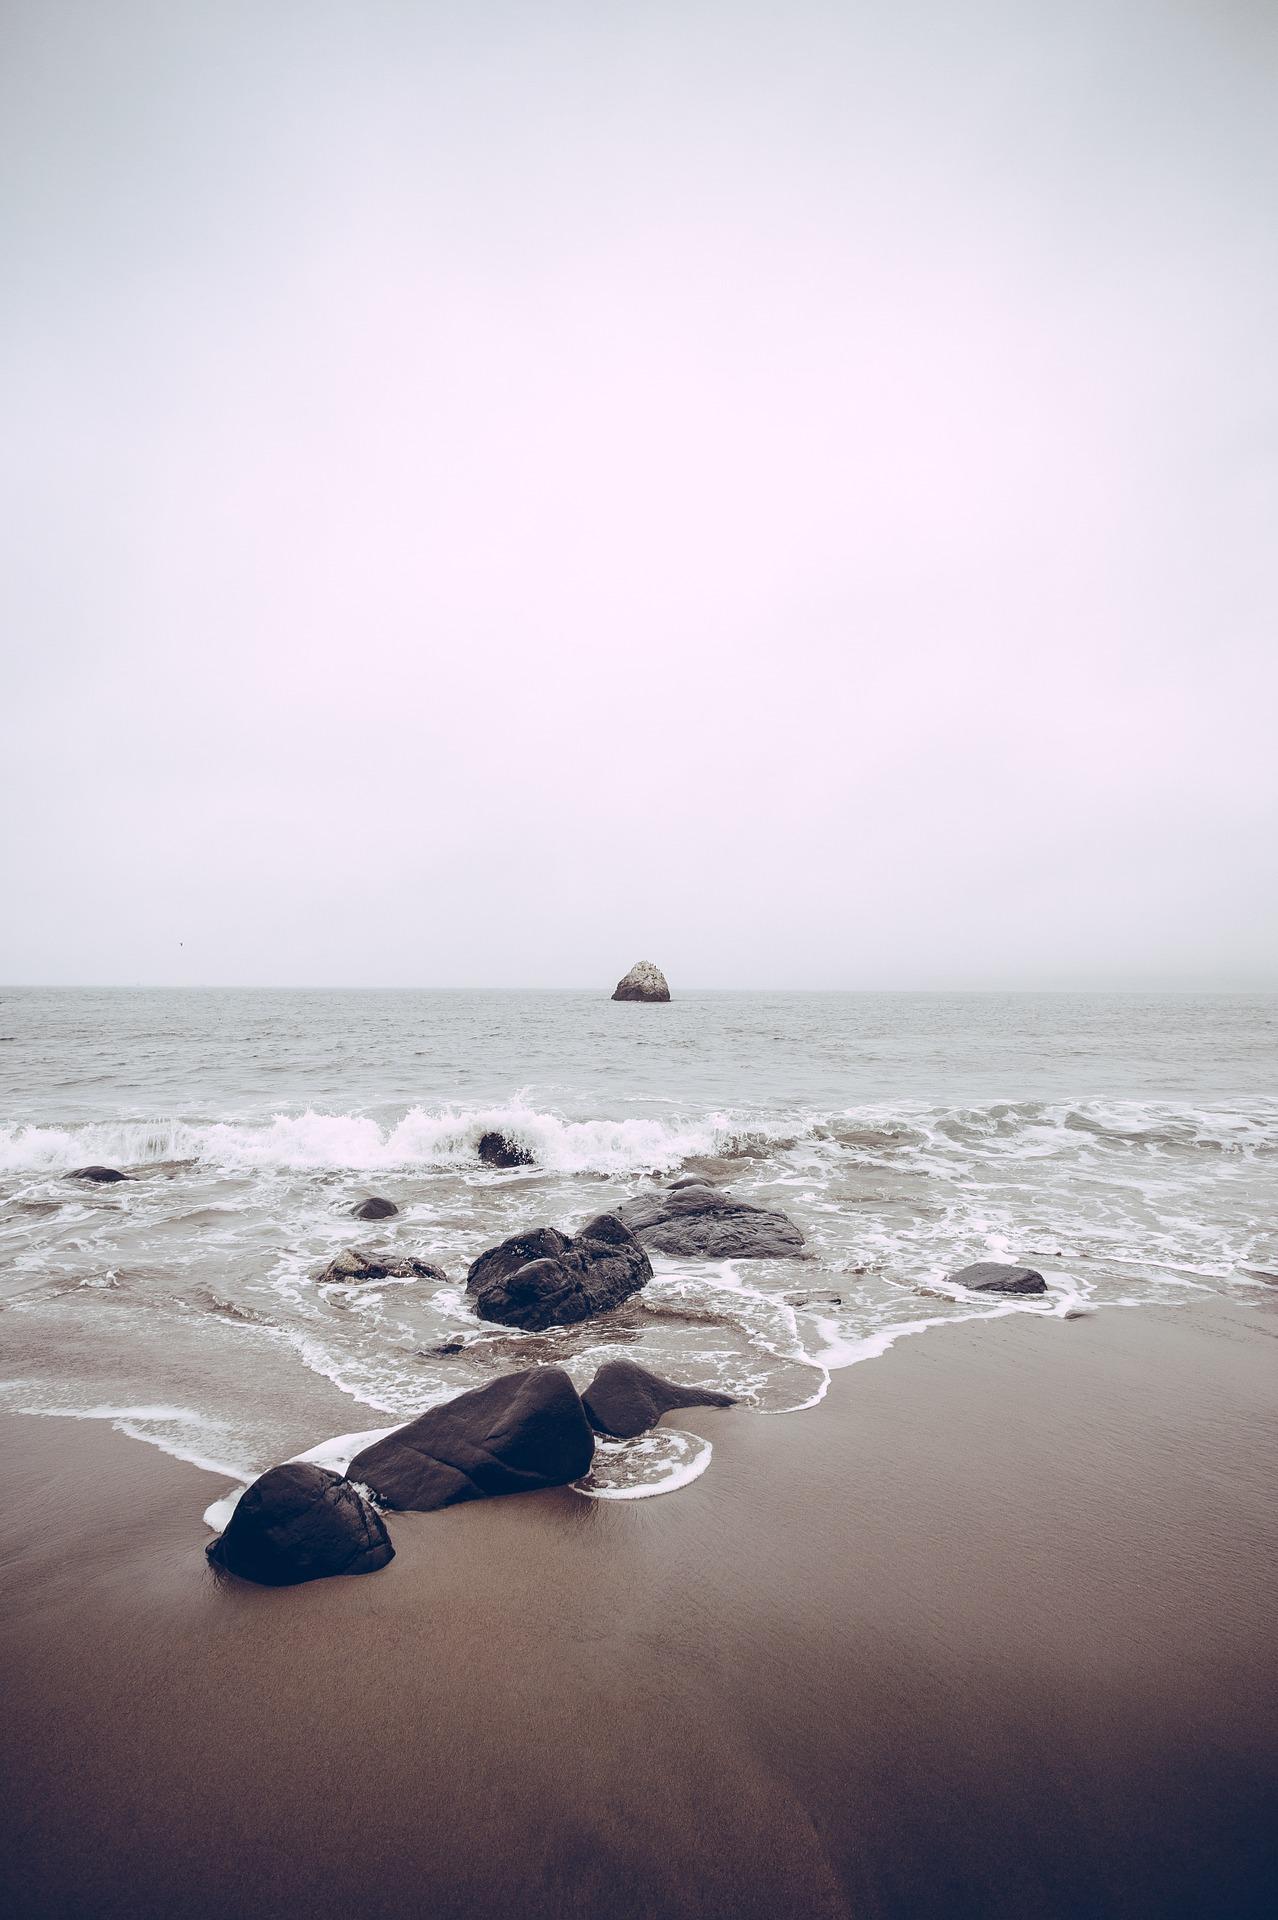 Пляж, камни, волны, расслабиться, Лето - Обои HD - Профессор falken.com